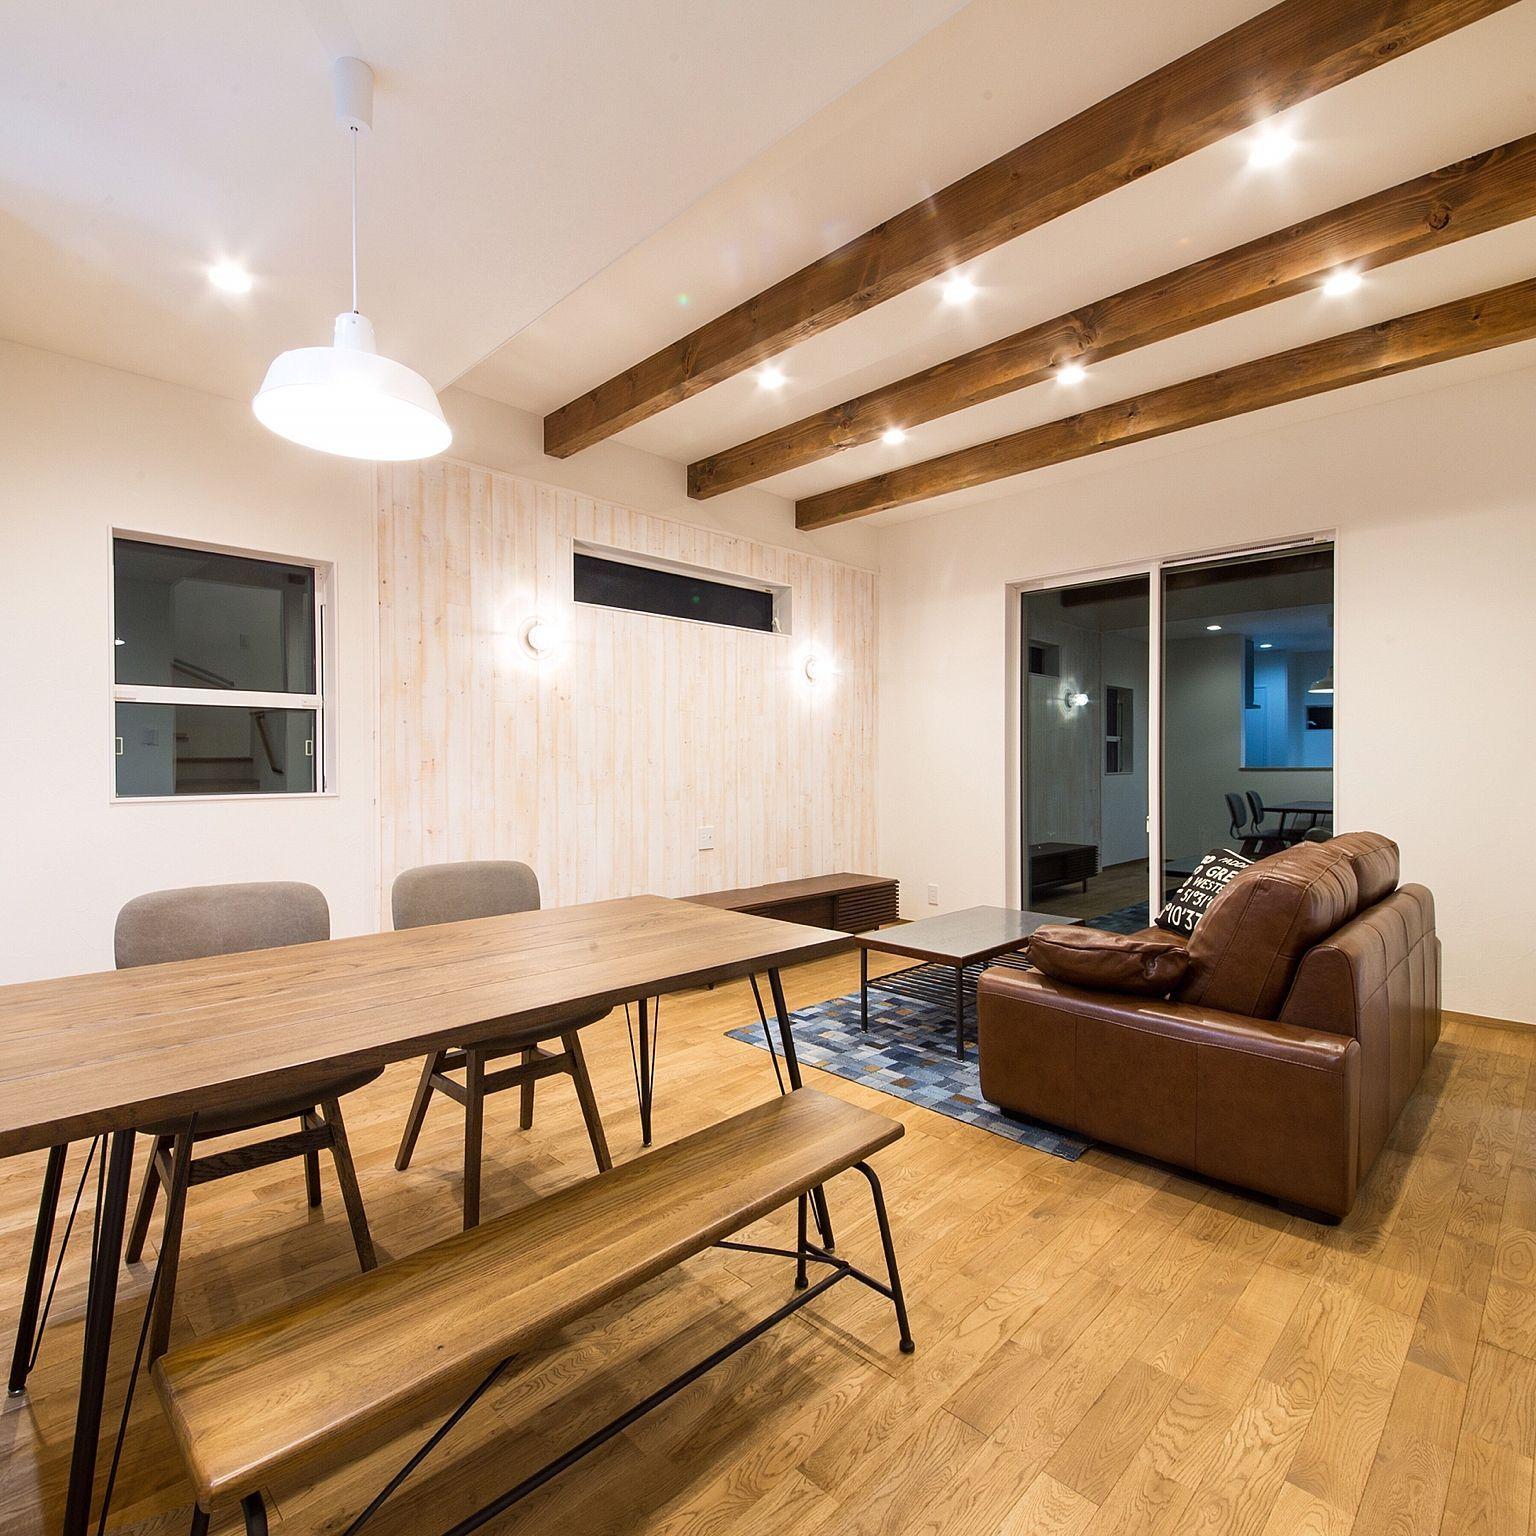 リビング 海を感じる家 梁のある天井 無垢材 梁のあるリビング などのインテリア実例 2017 07 14 00 53 19 Roomclip ルームクリップ リビング 梁 リビング 新築